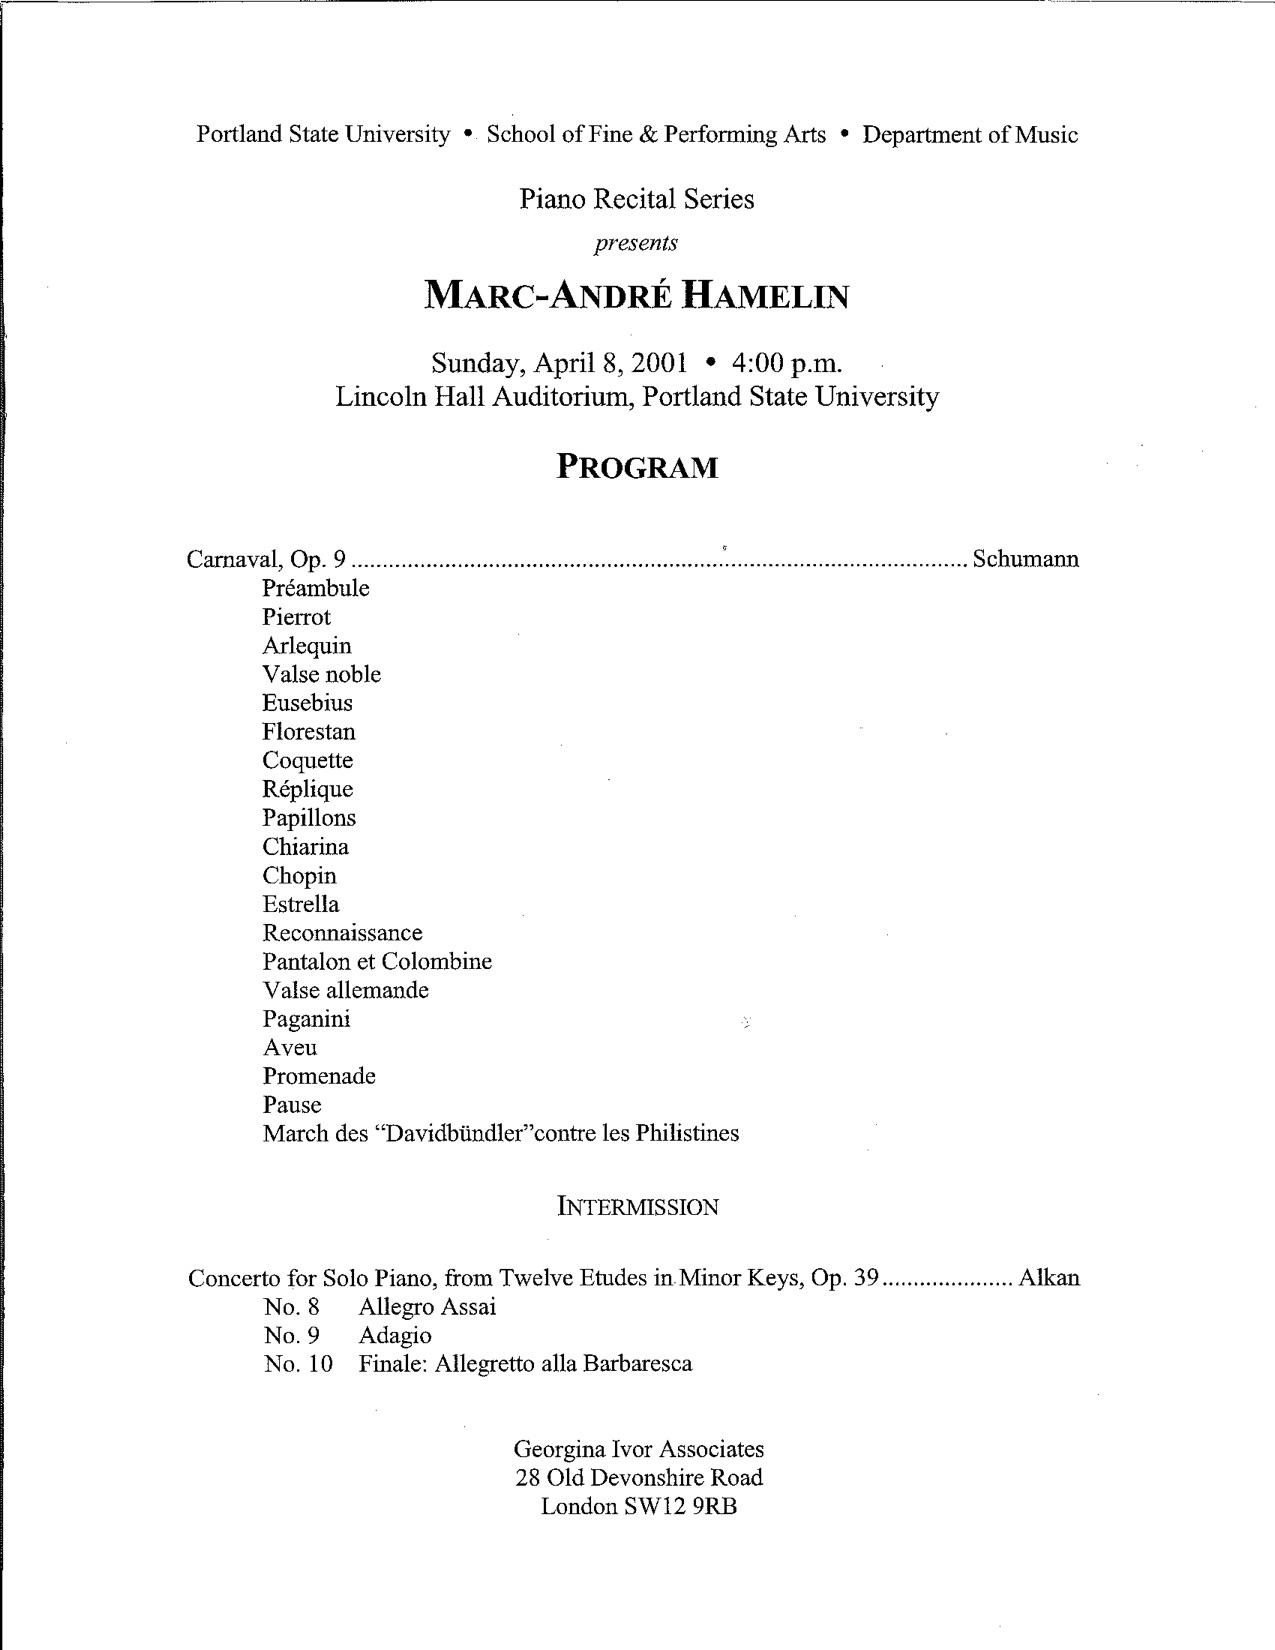 Hamelin00-01_Program3.jpg